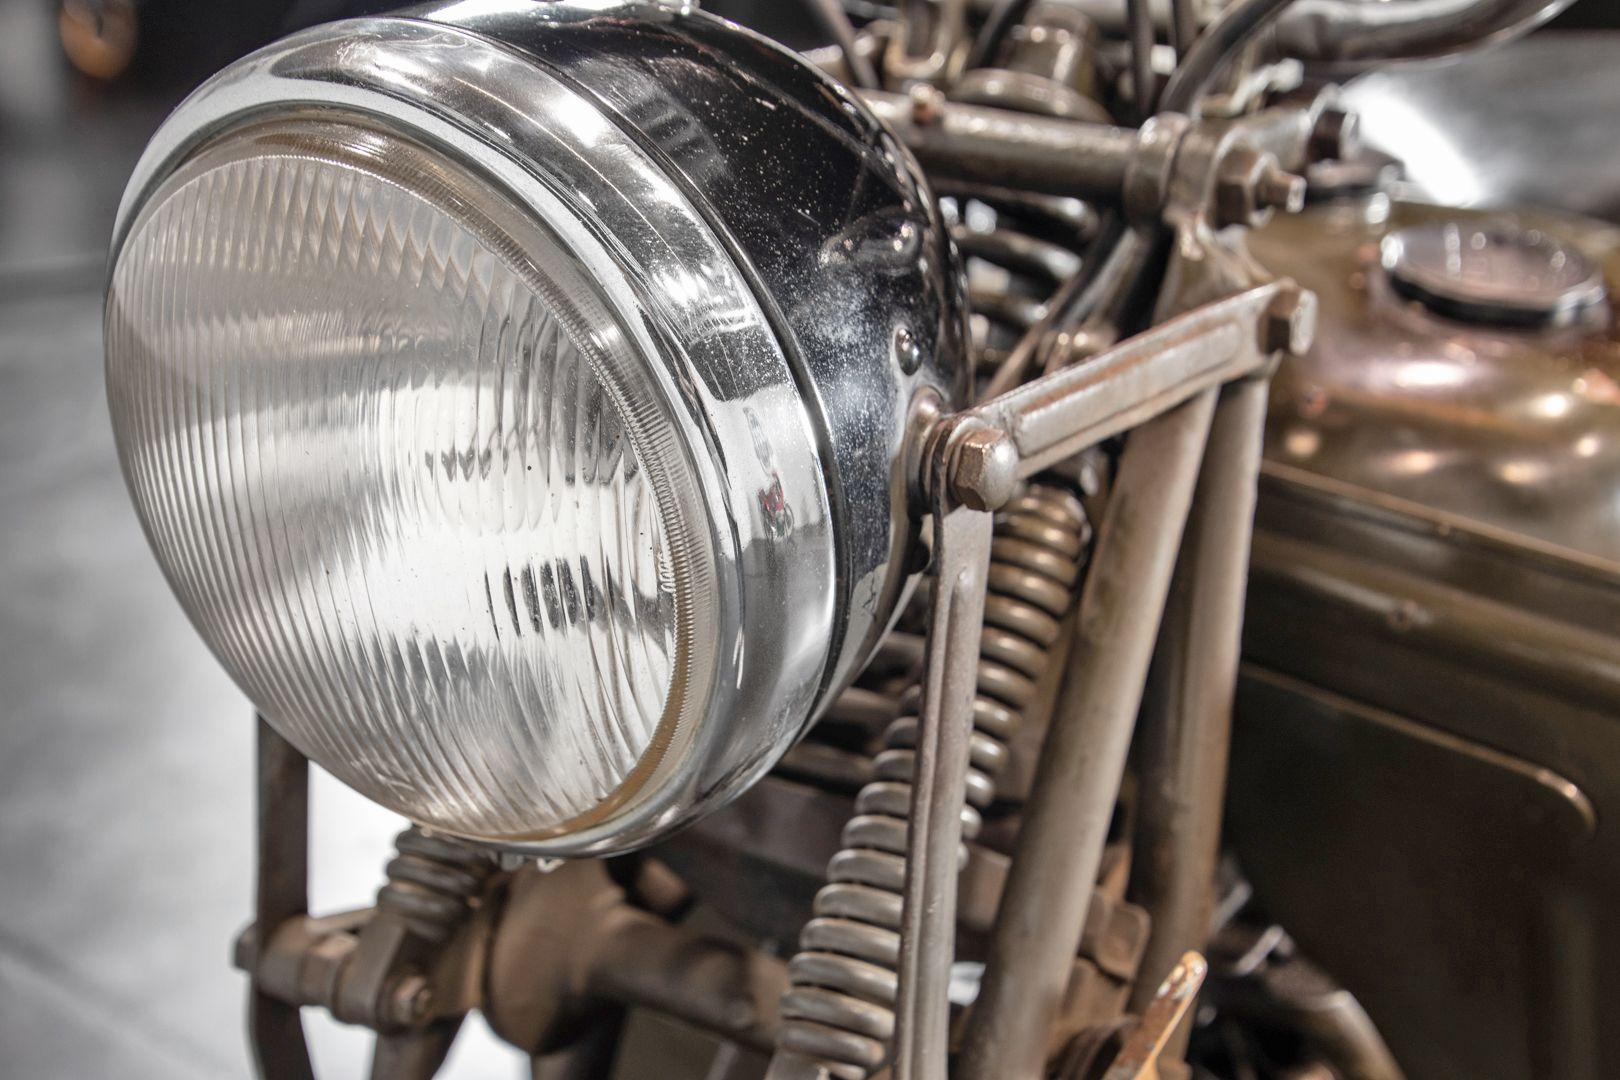 1976 Moto Guzzi SUPER ALCE   36518